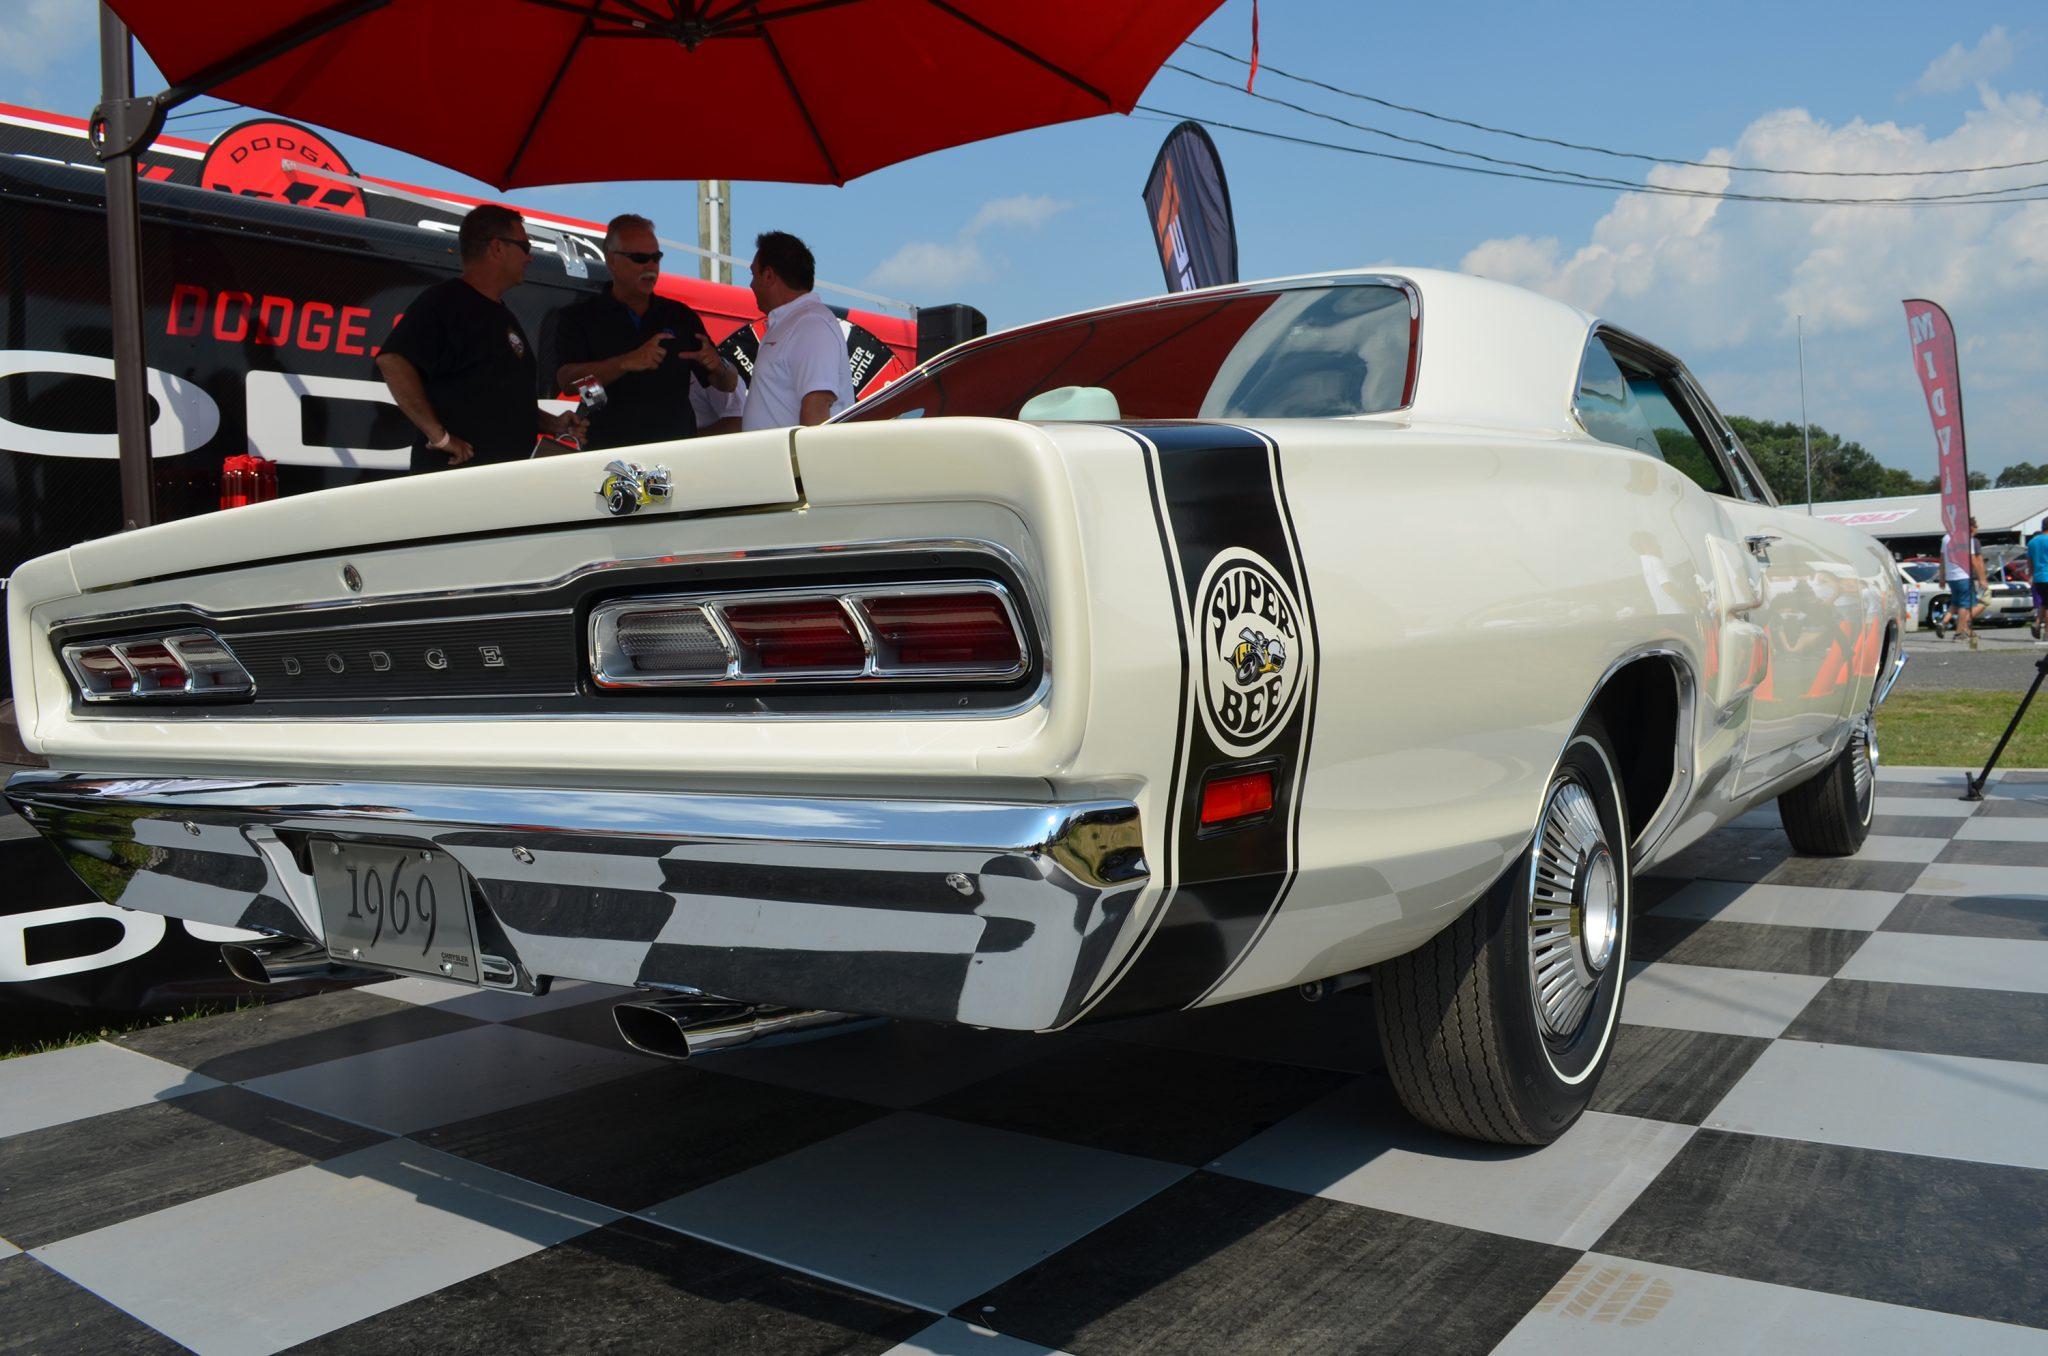 Top Eliminator HEMI Heritage winner Ron Dezsi's 1969 Dodge Super Bee